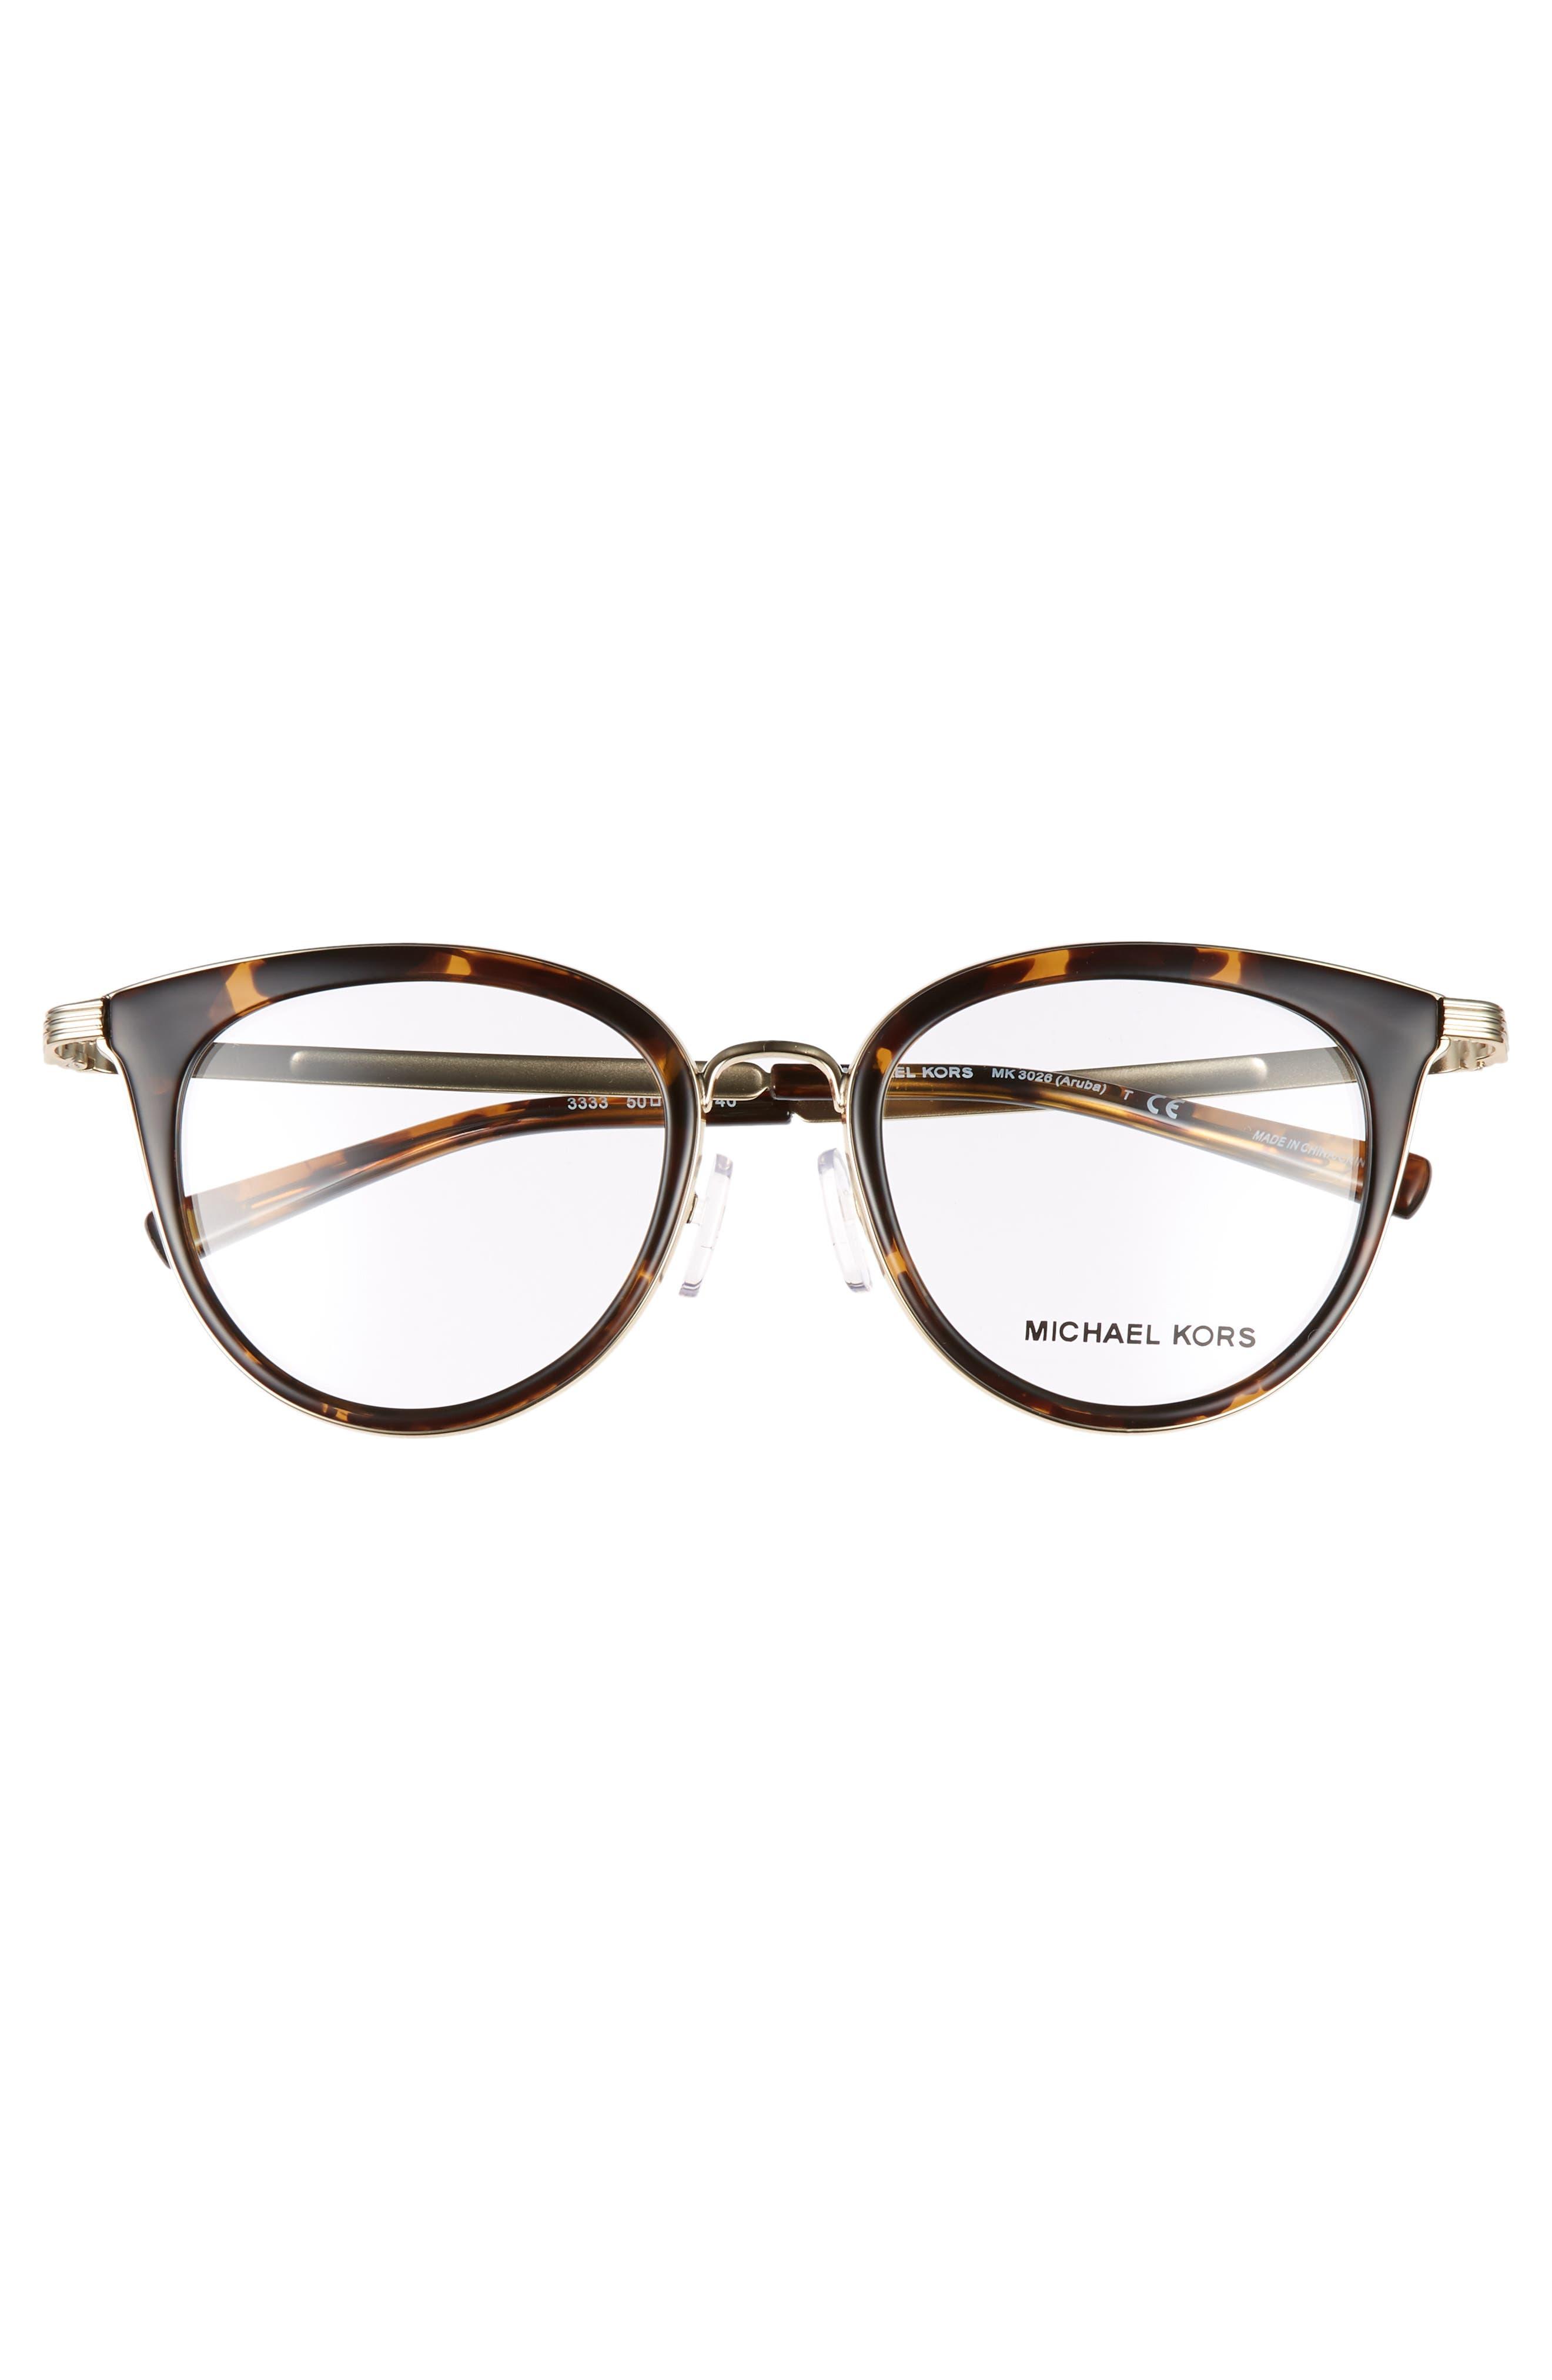 50mm Optical Glasses,                             Alternate thumbnail 3, color,                             HAVANA/ LITE GOLD